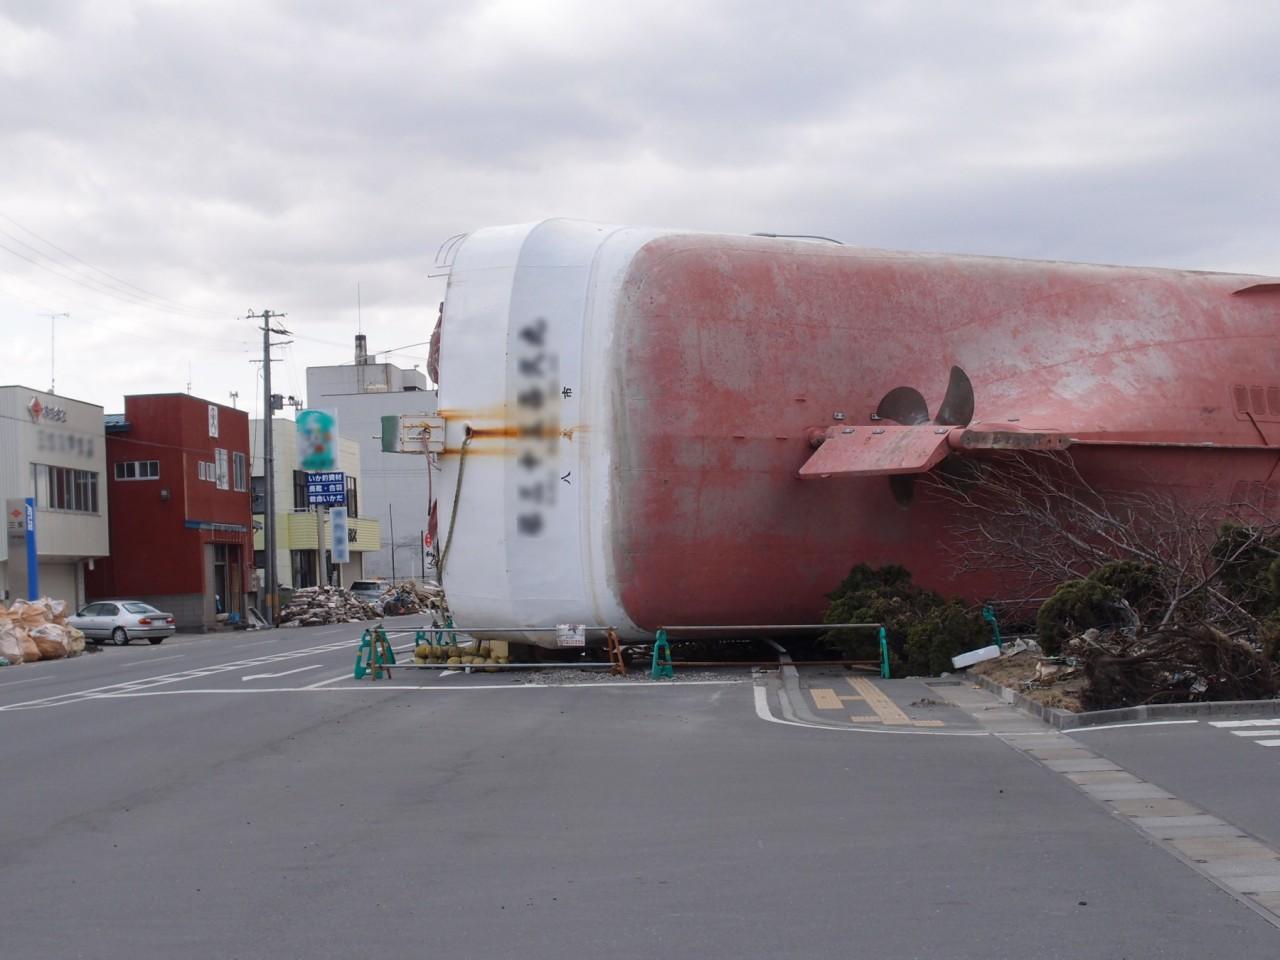 「日常に食い込んだ非日常」車道に巨大な船が横たわる。